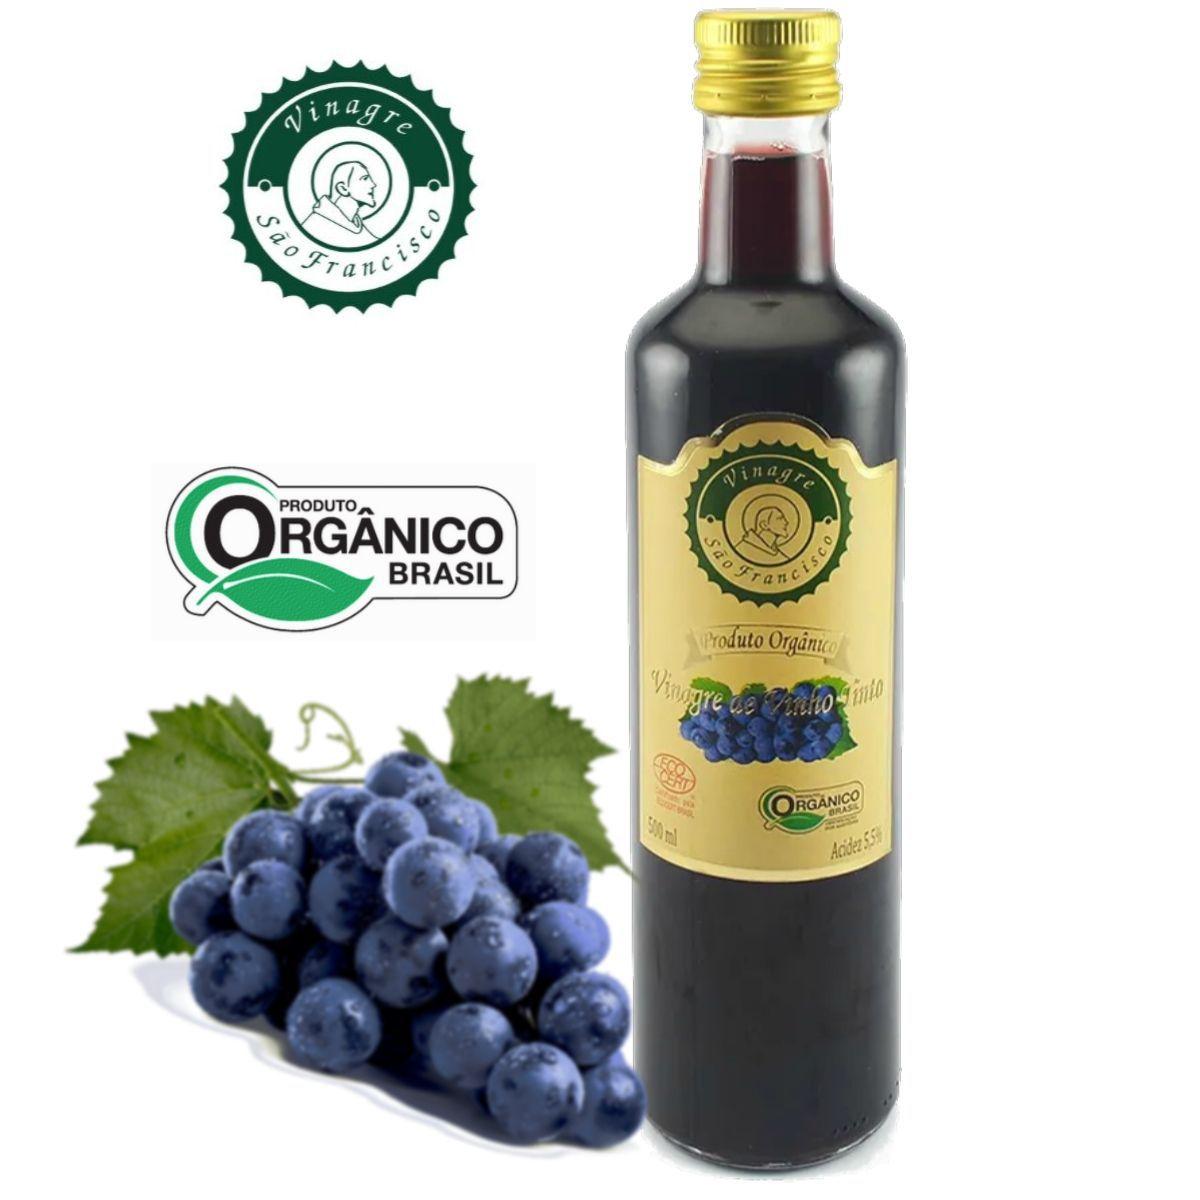 Vinagre Orgânico São Francisco Vinho Tinto Acidez 5,5% - 500ml